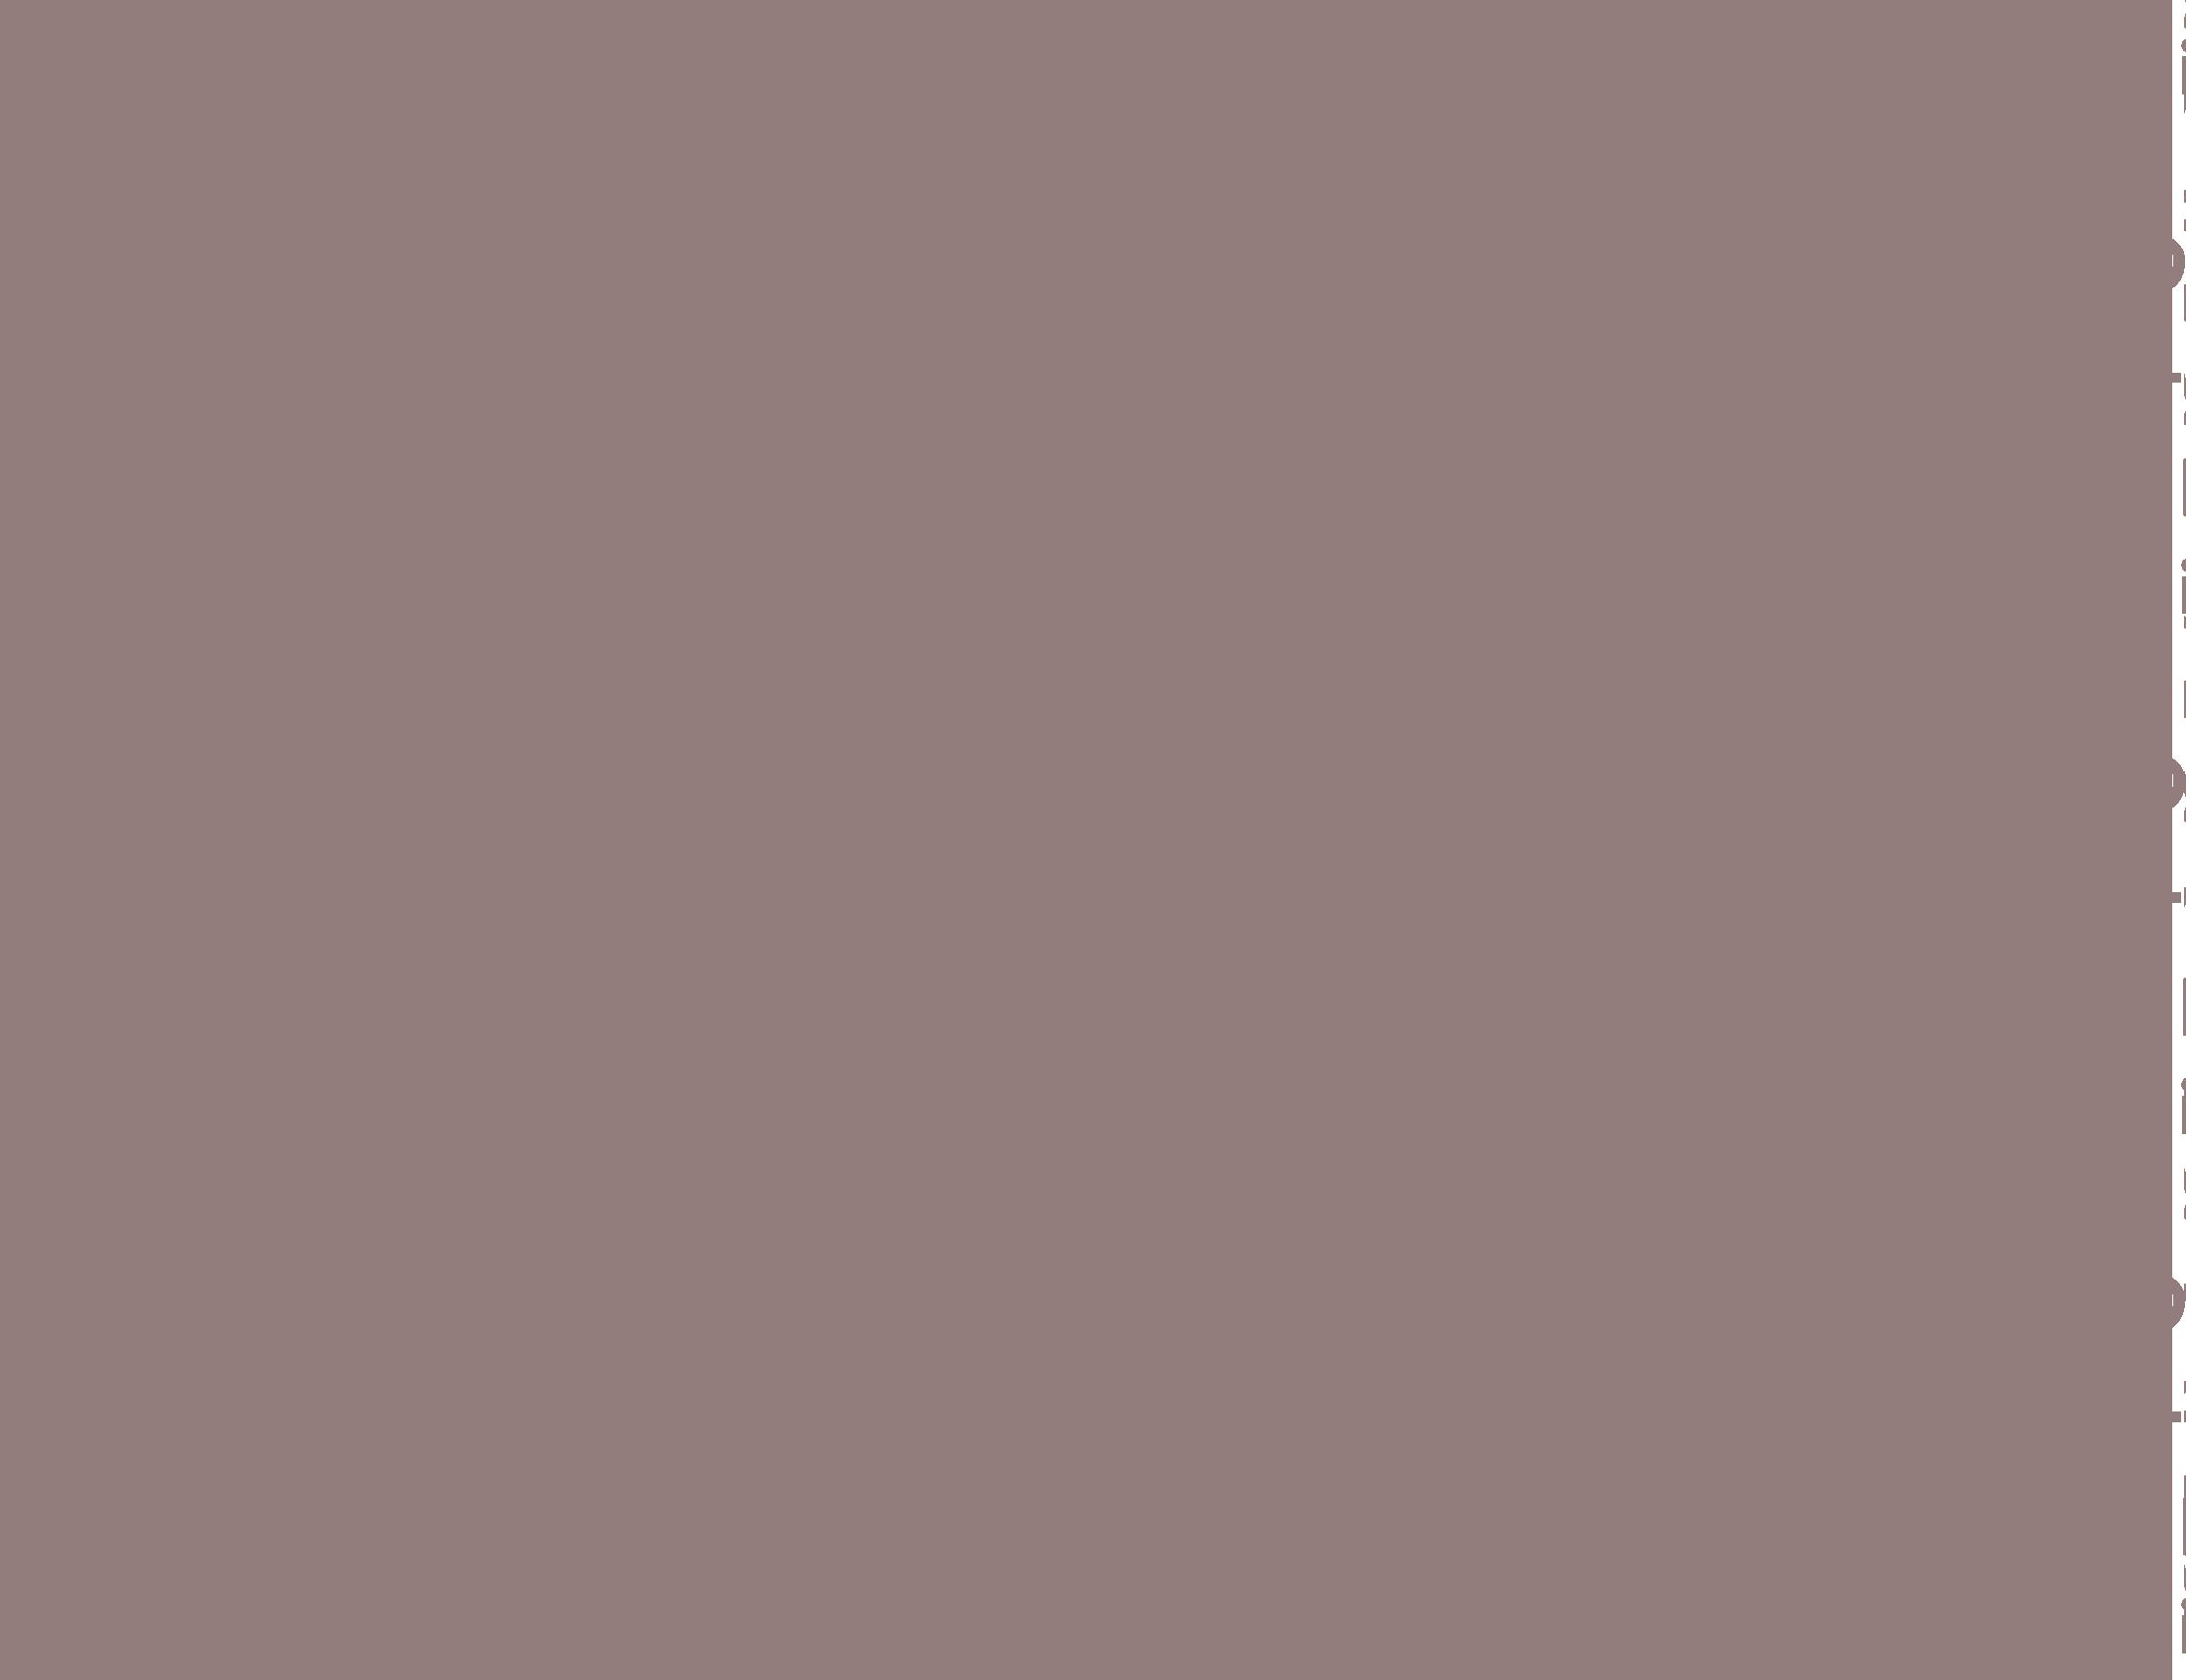 sosyal-medya-yonetimi-background